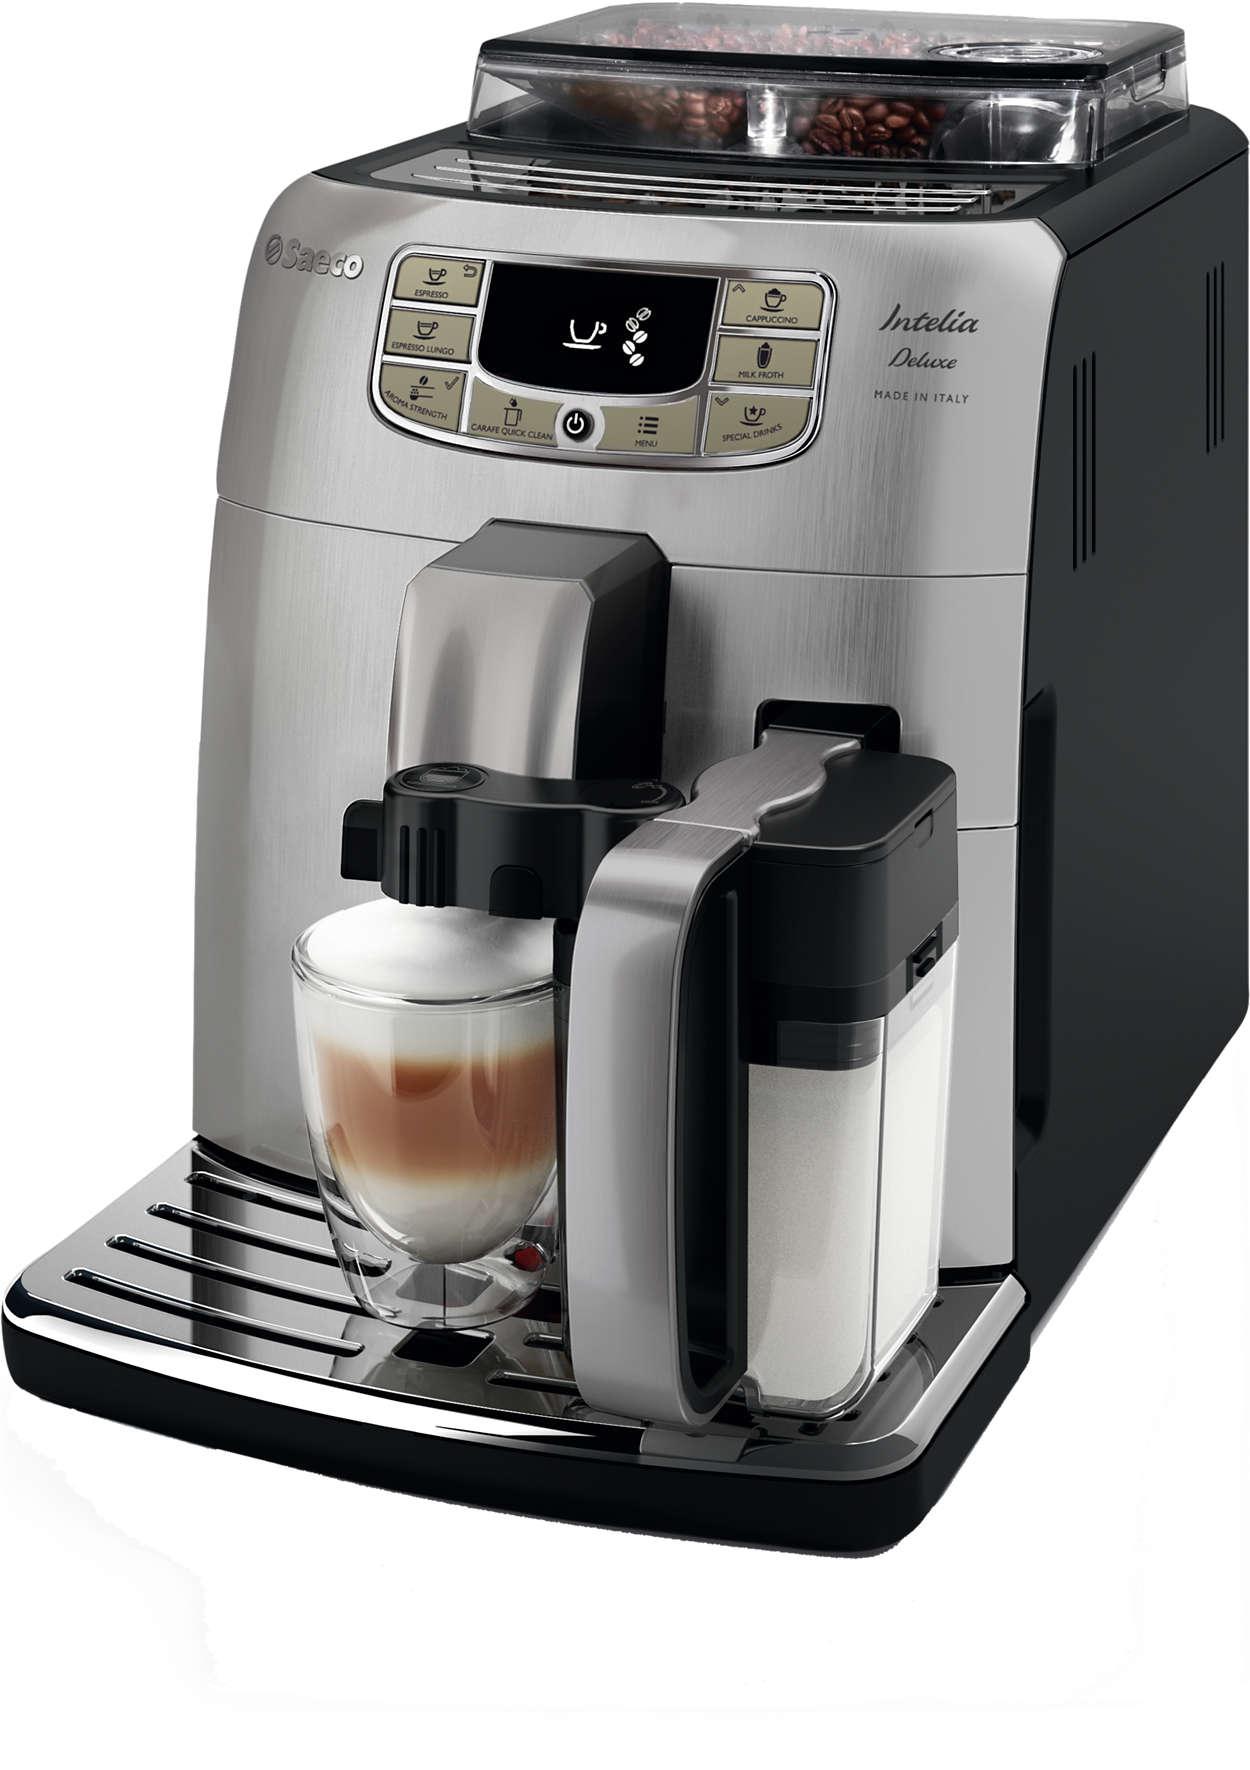 Intelia Deluxe Super Automatic Espresso Machine Hd8771 93